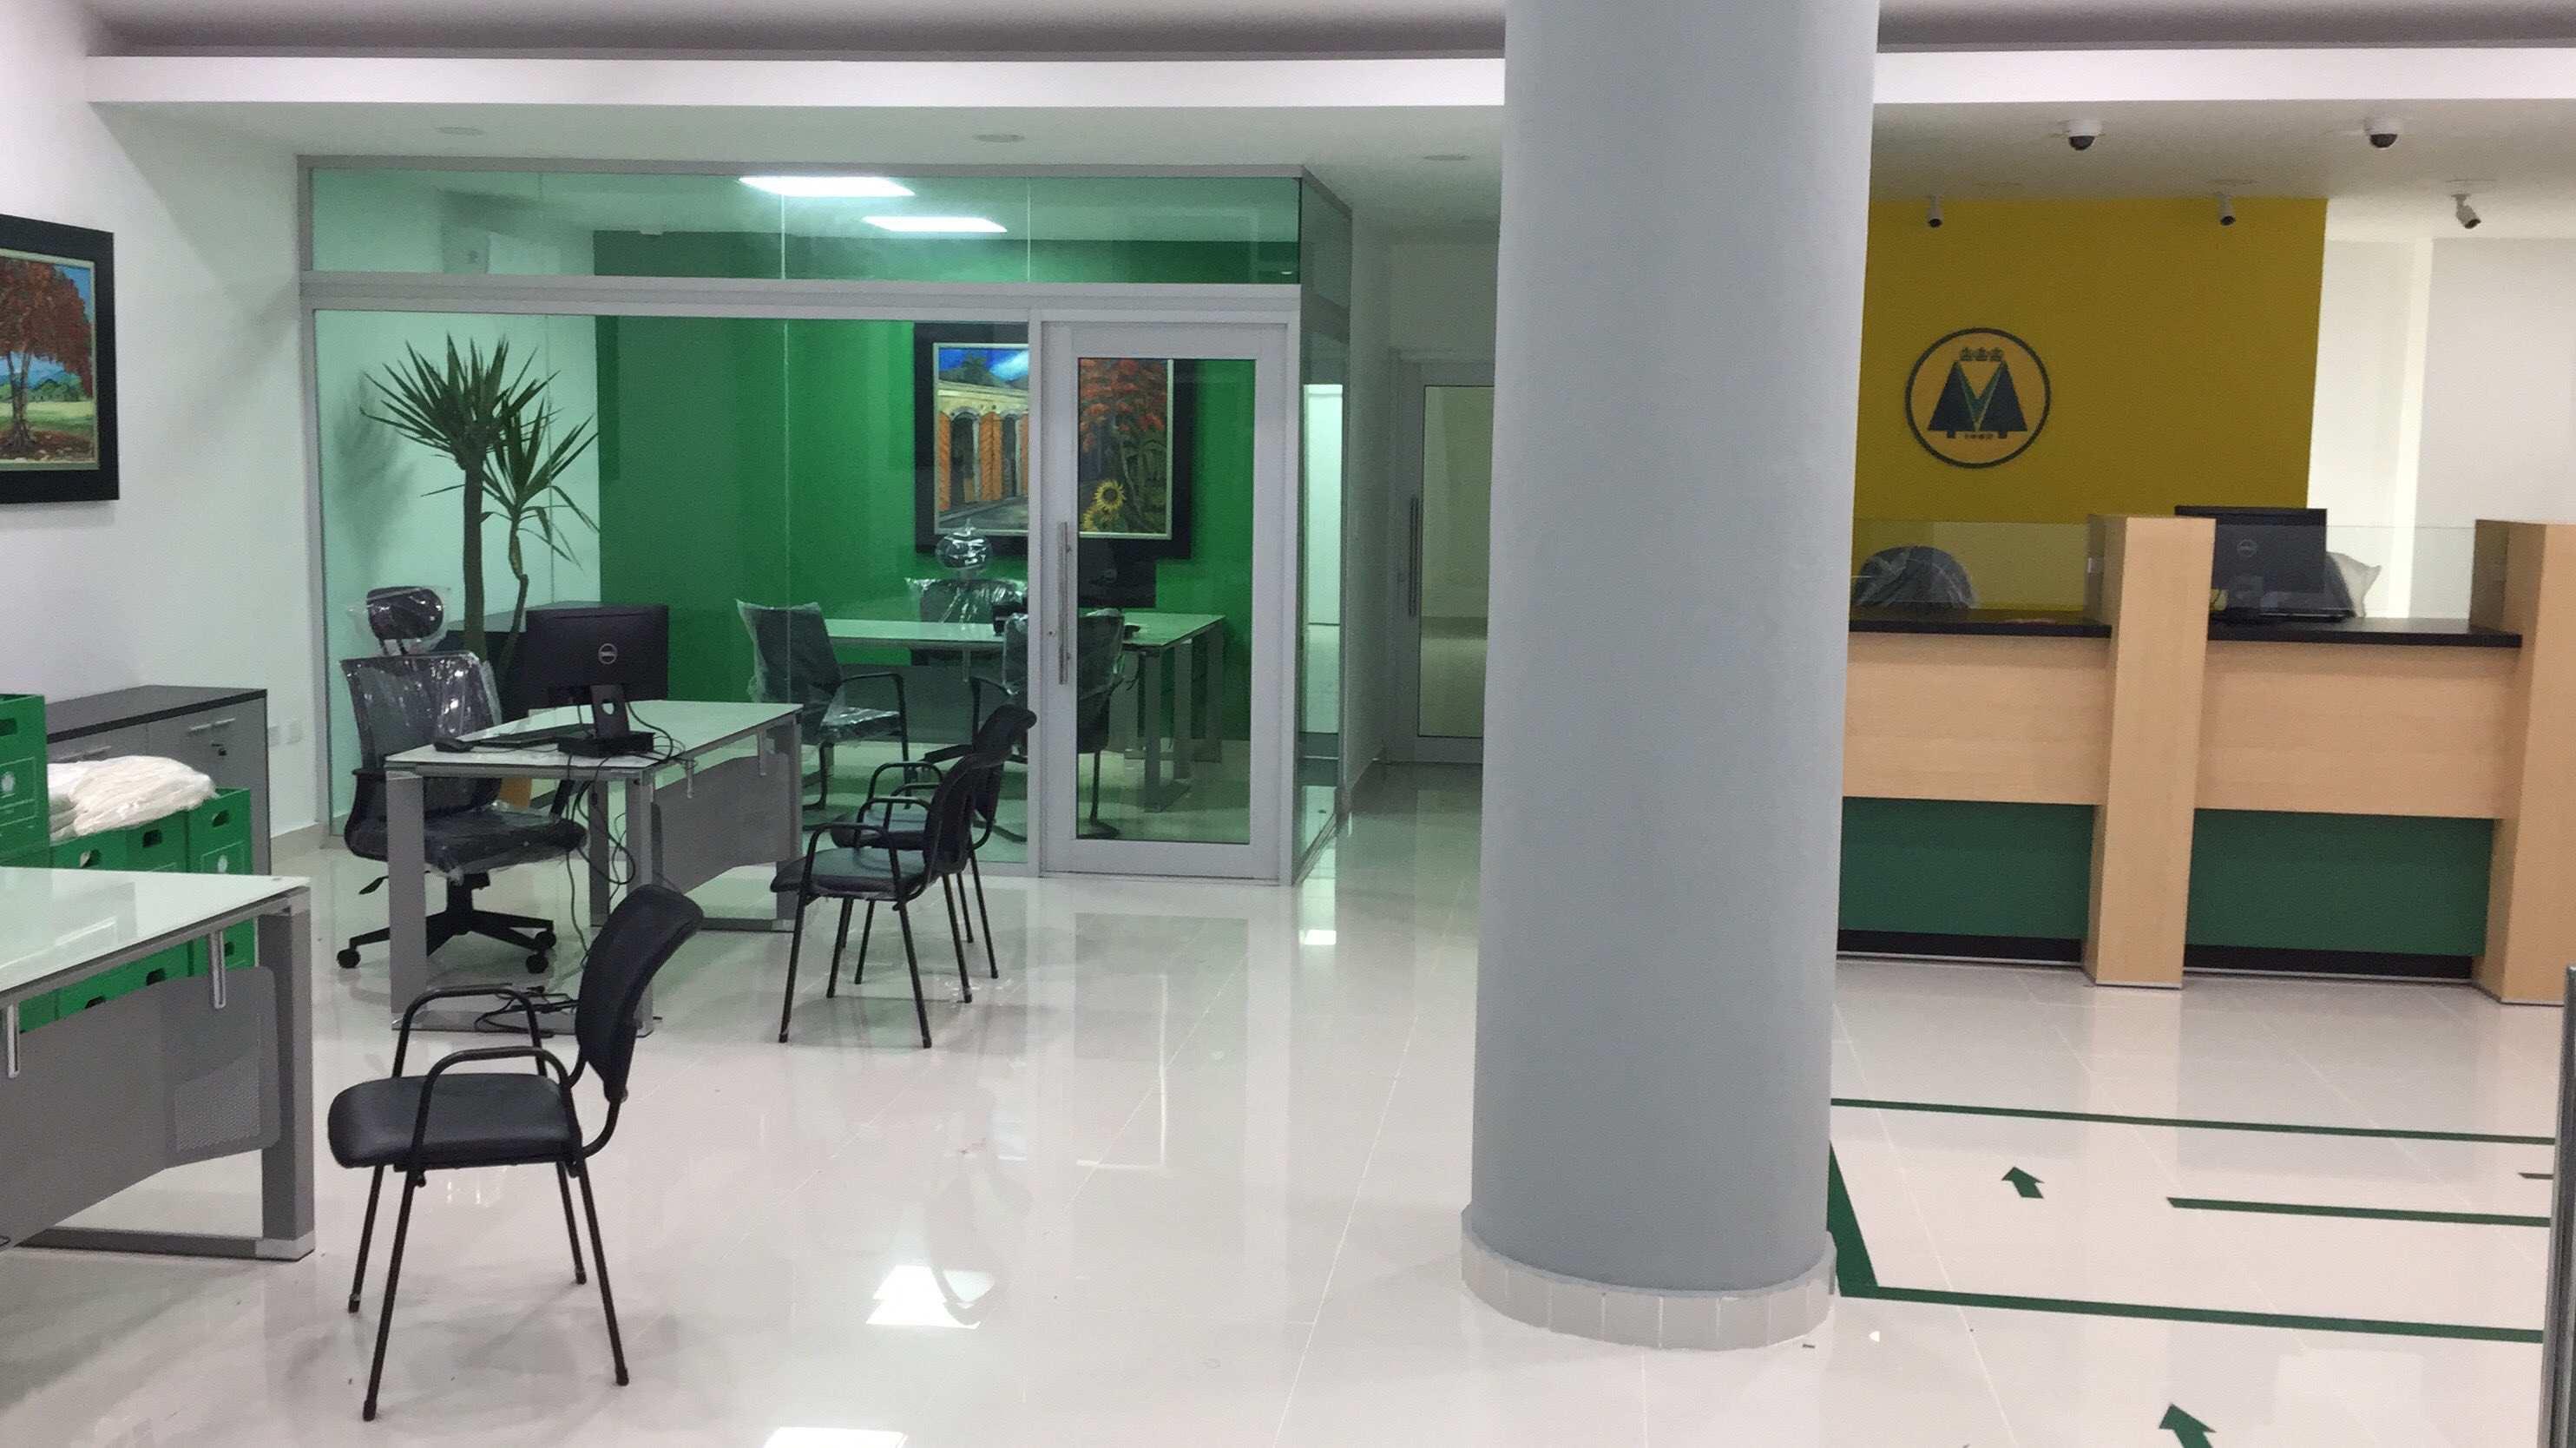 interiores022